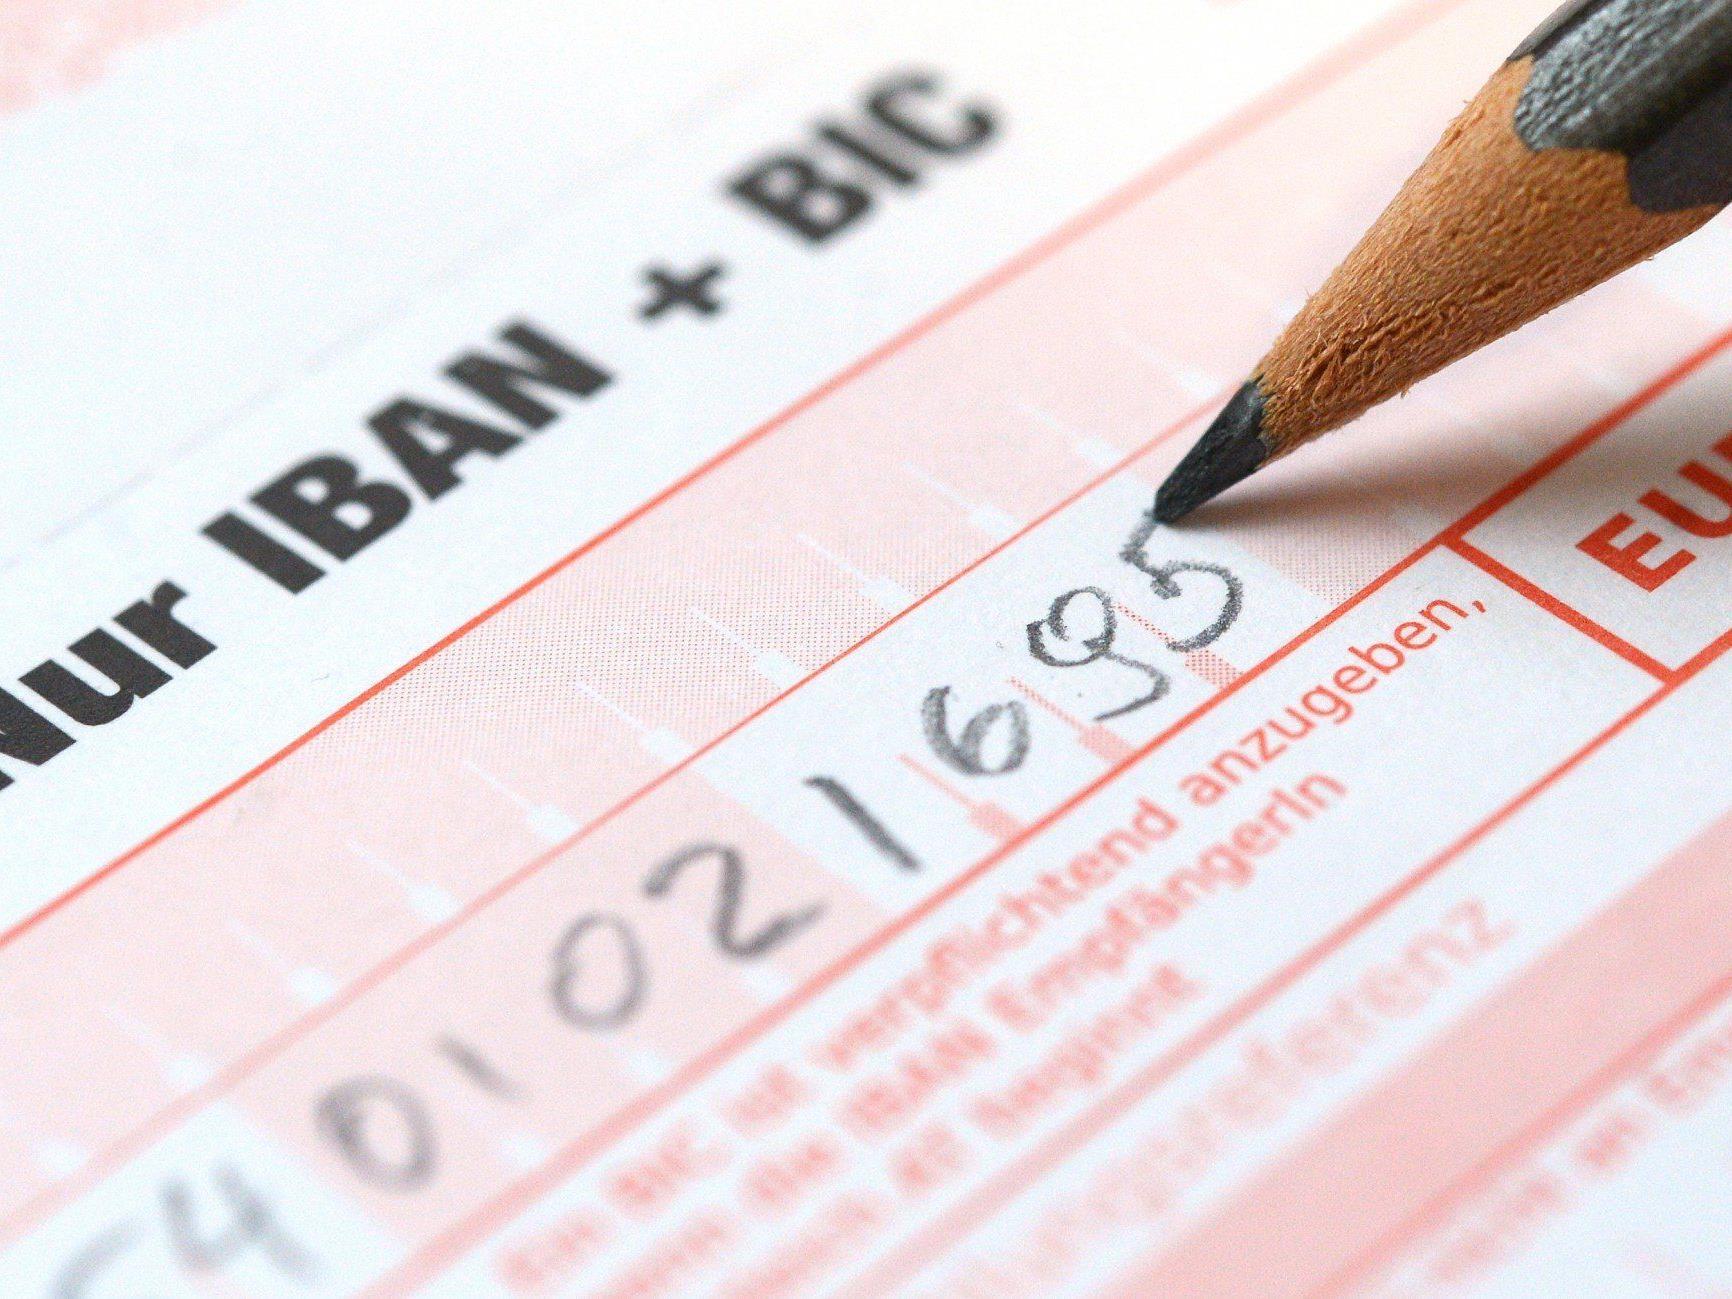 Neue Regeln ab 1. August für Unternehmen - für Verbraucher ab 2016 verpflichtend.